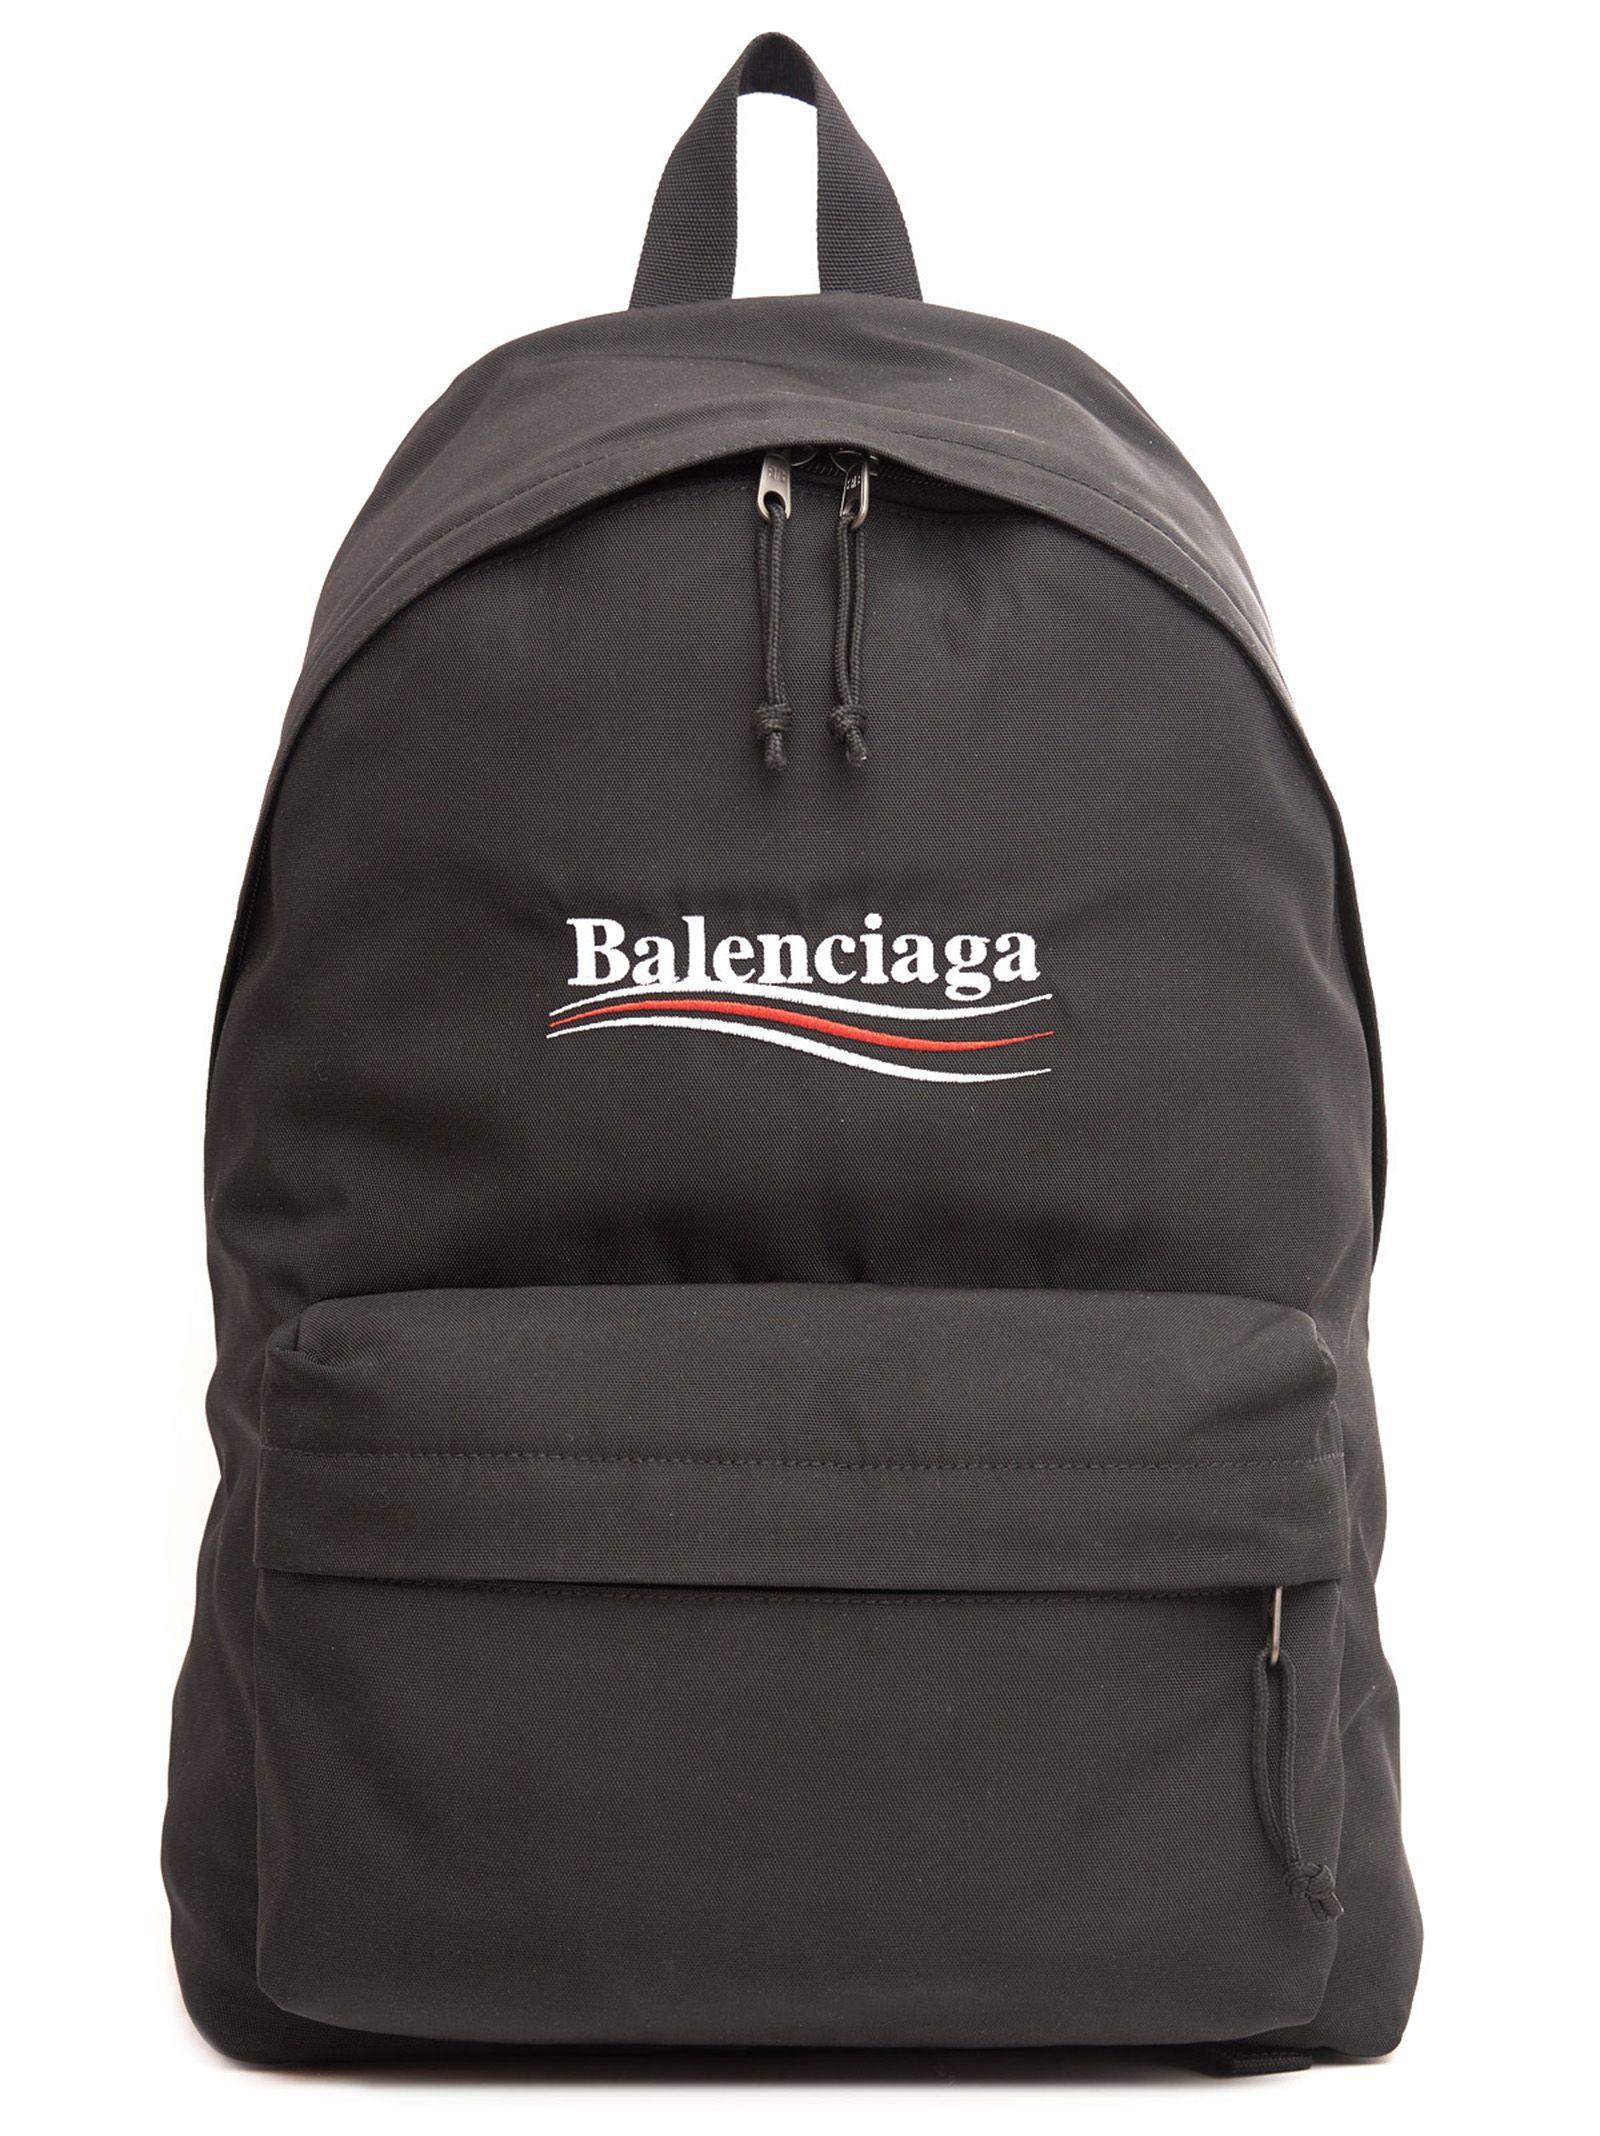 Balenciaga  explorer  Bag  ab6709f9a6e02